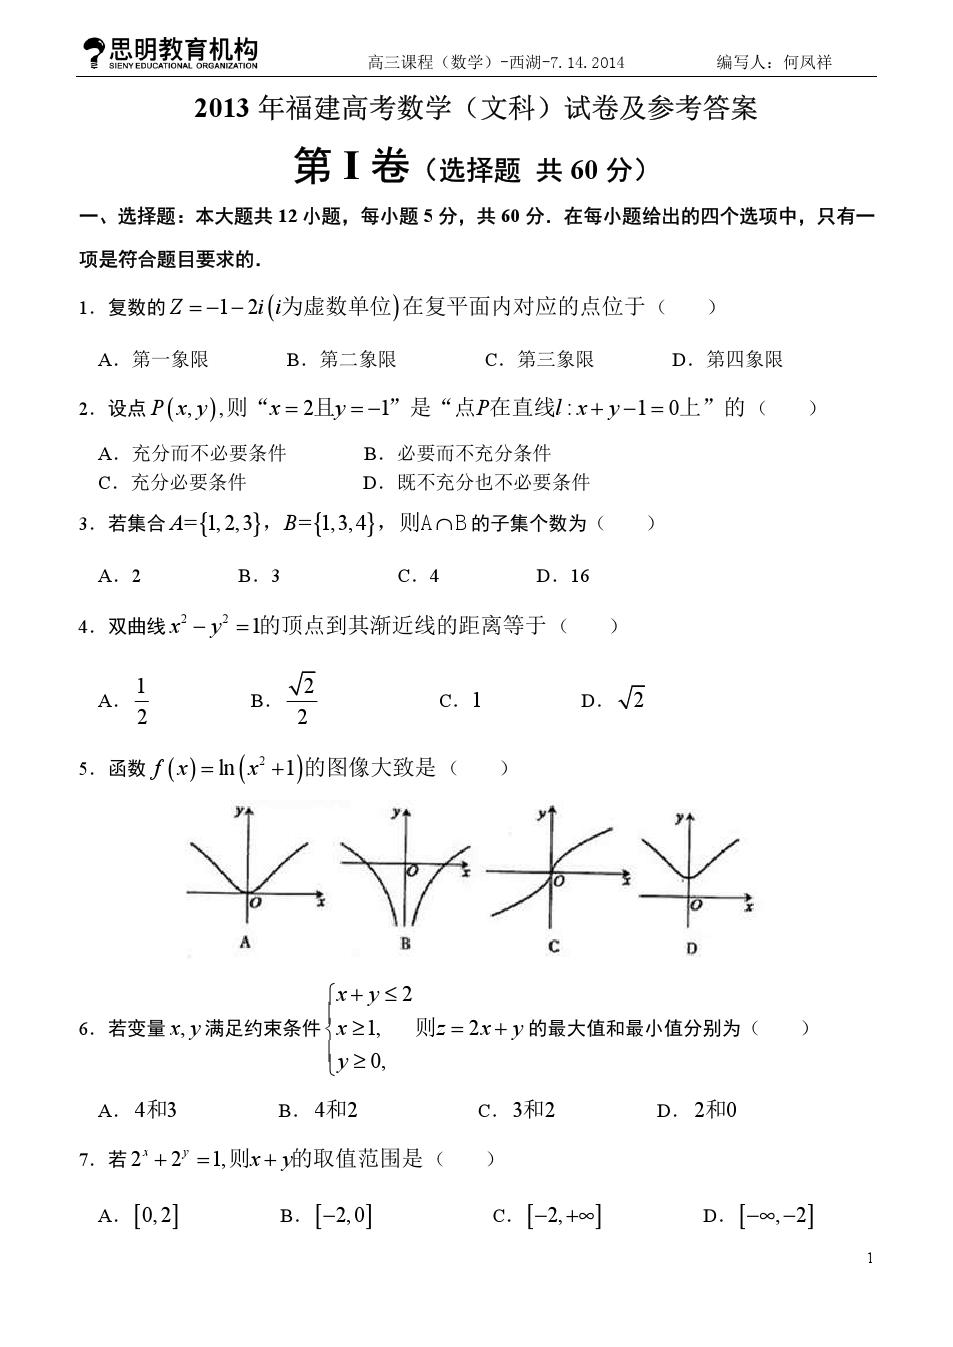 2013年福建高考数学_文科_试卷及参考答案